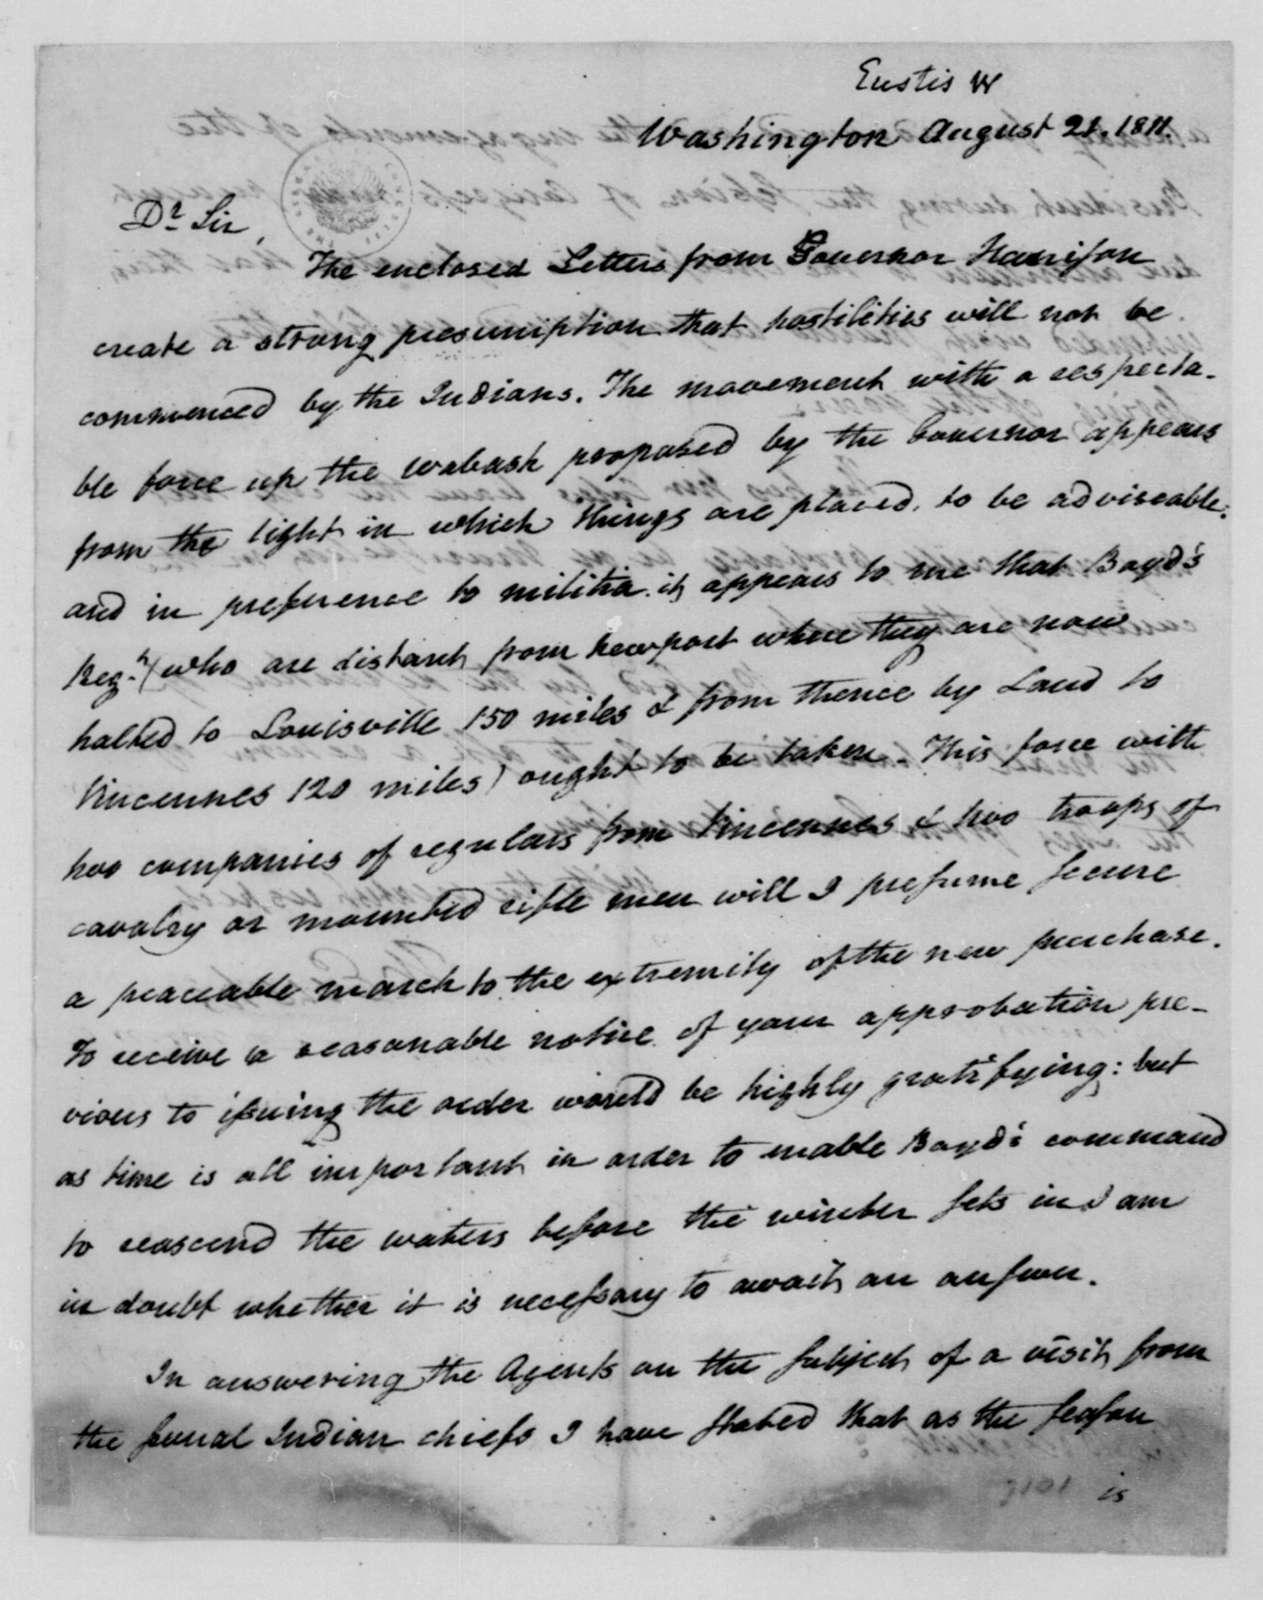 William Eustis to James Madison, August 21, 1811.